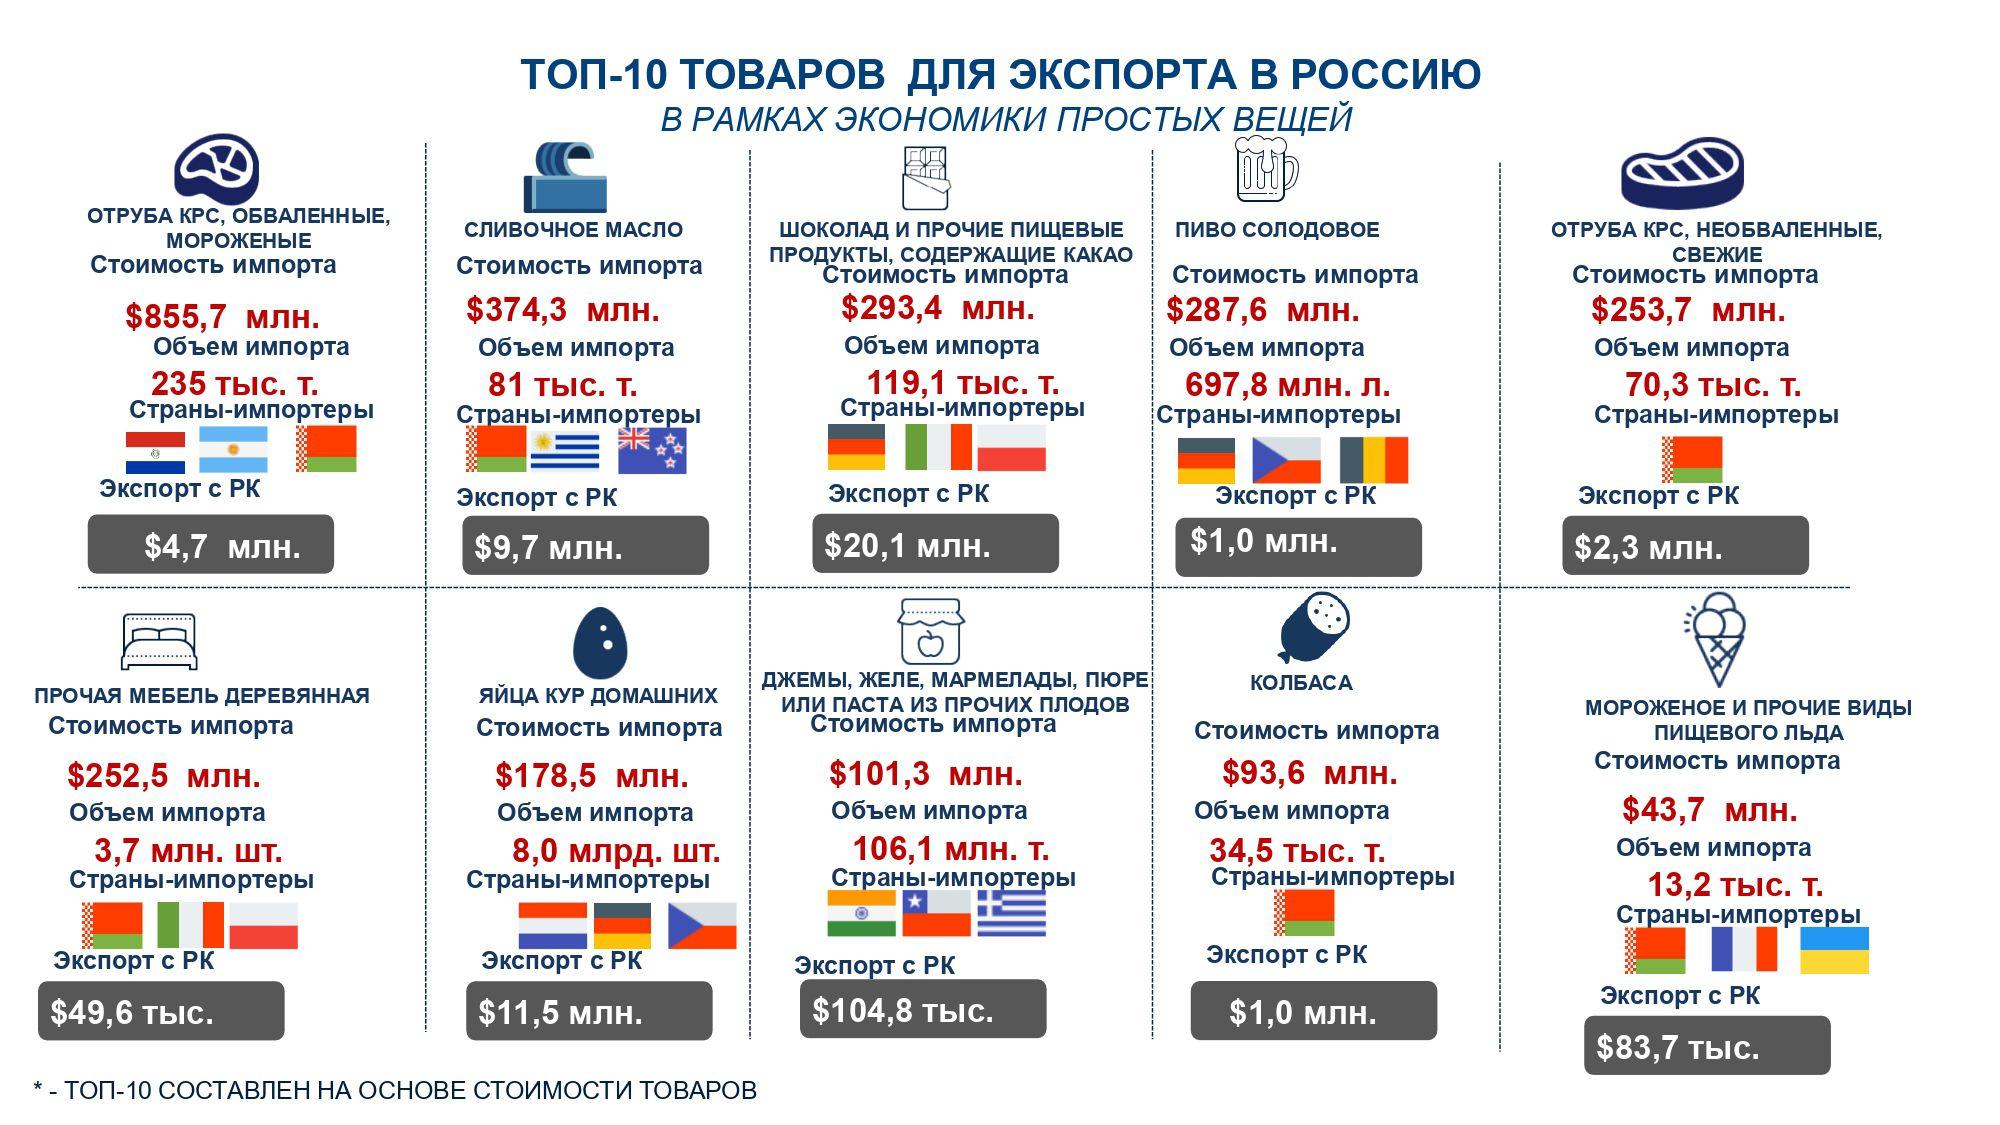 Остались ли в Алматы пустующие ниши для бизнеса? 173122 - Kapital.kz